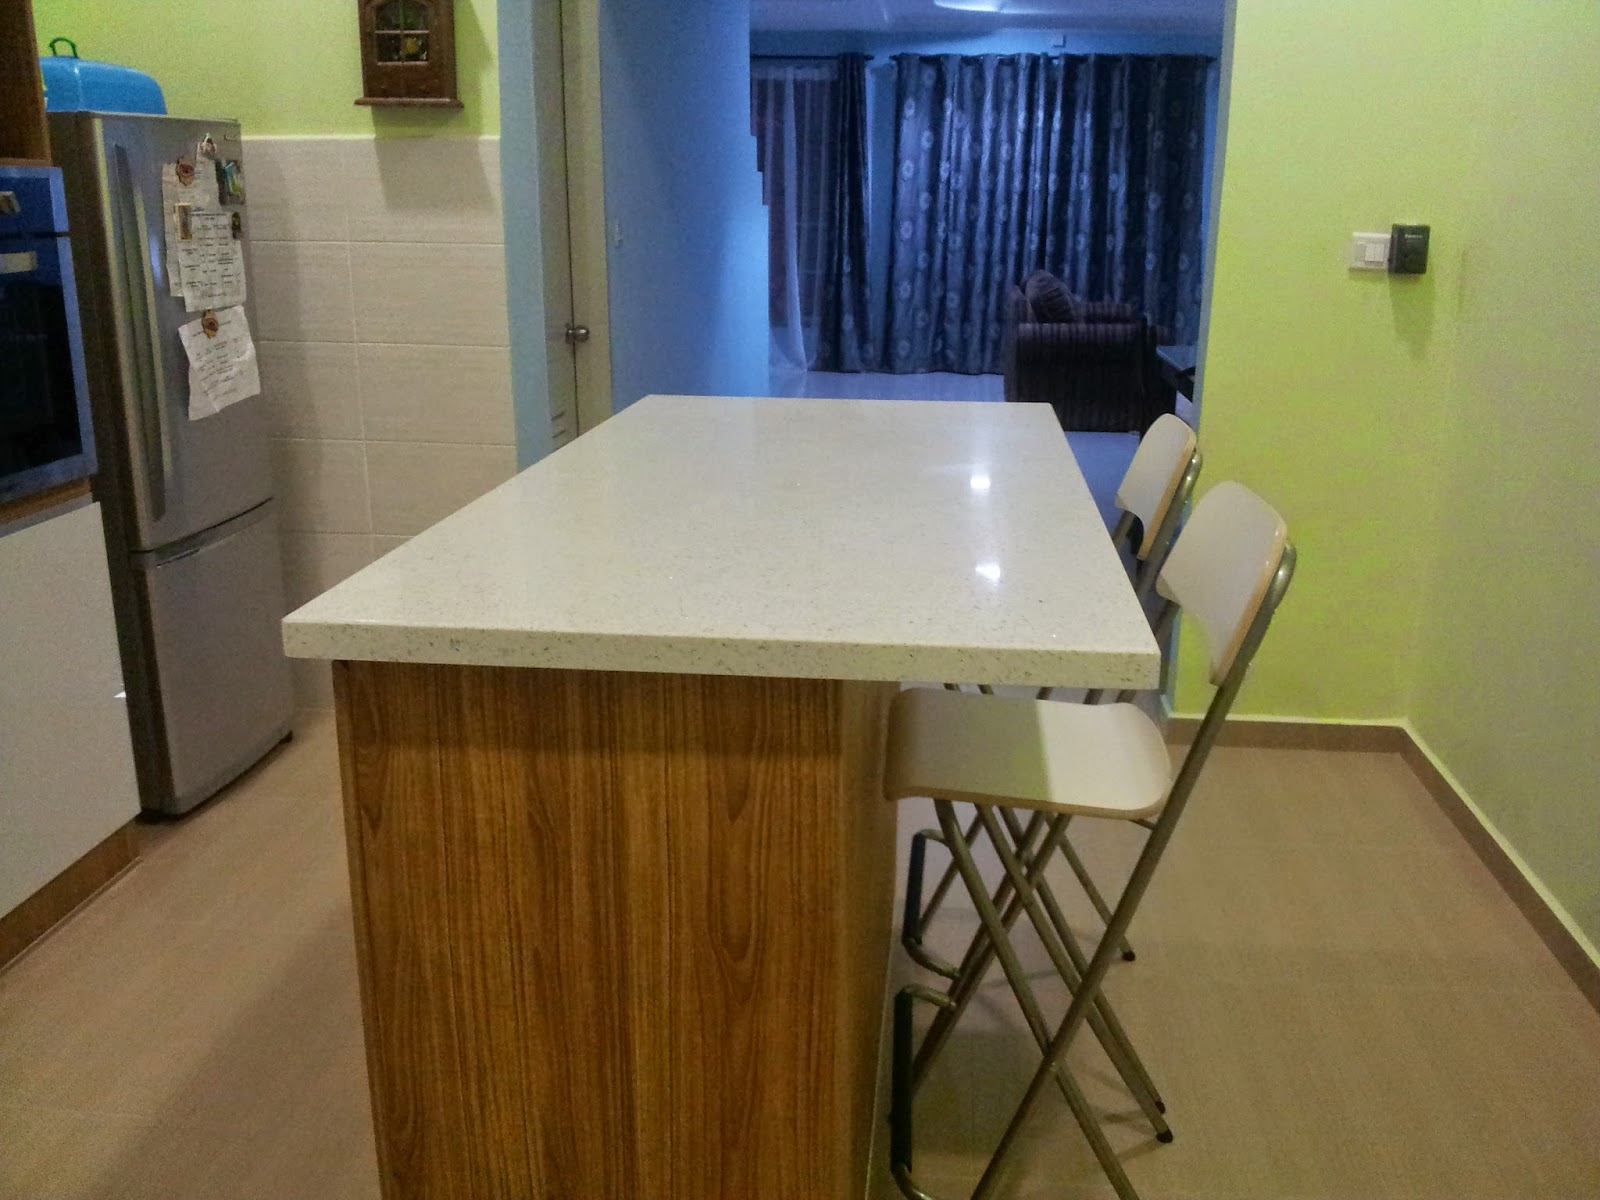 Aku Prefer Pasang Island Kat Tengah Sebab Asalnya Design Nak Letak Dapur Di Sini Lepas Tu Tak Jadi A Buat Dry Kitchen Saja